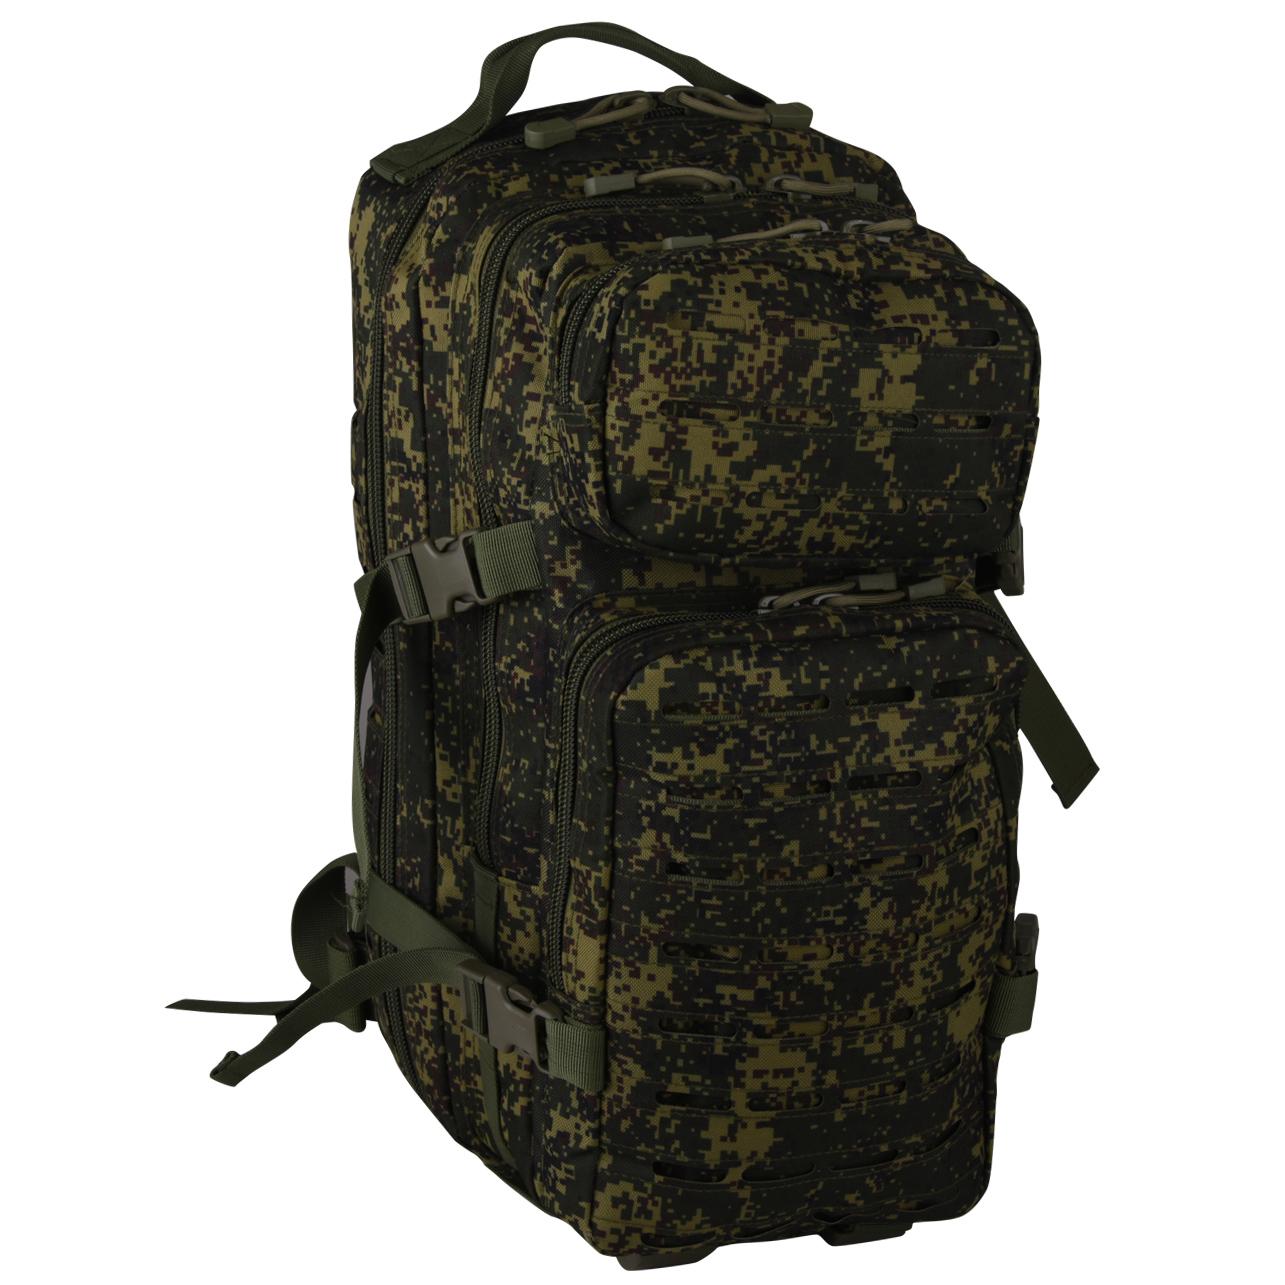 Рейдовый рюкзак спецназа (30 литров, русская цифра)